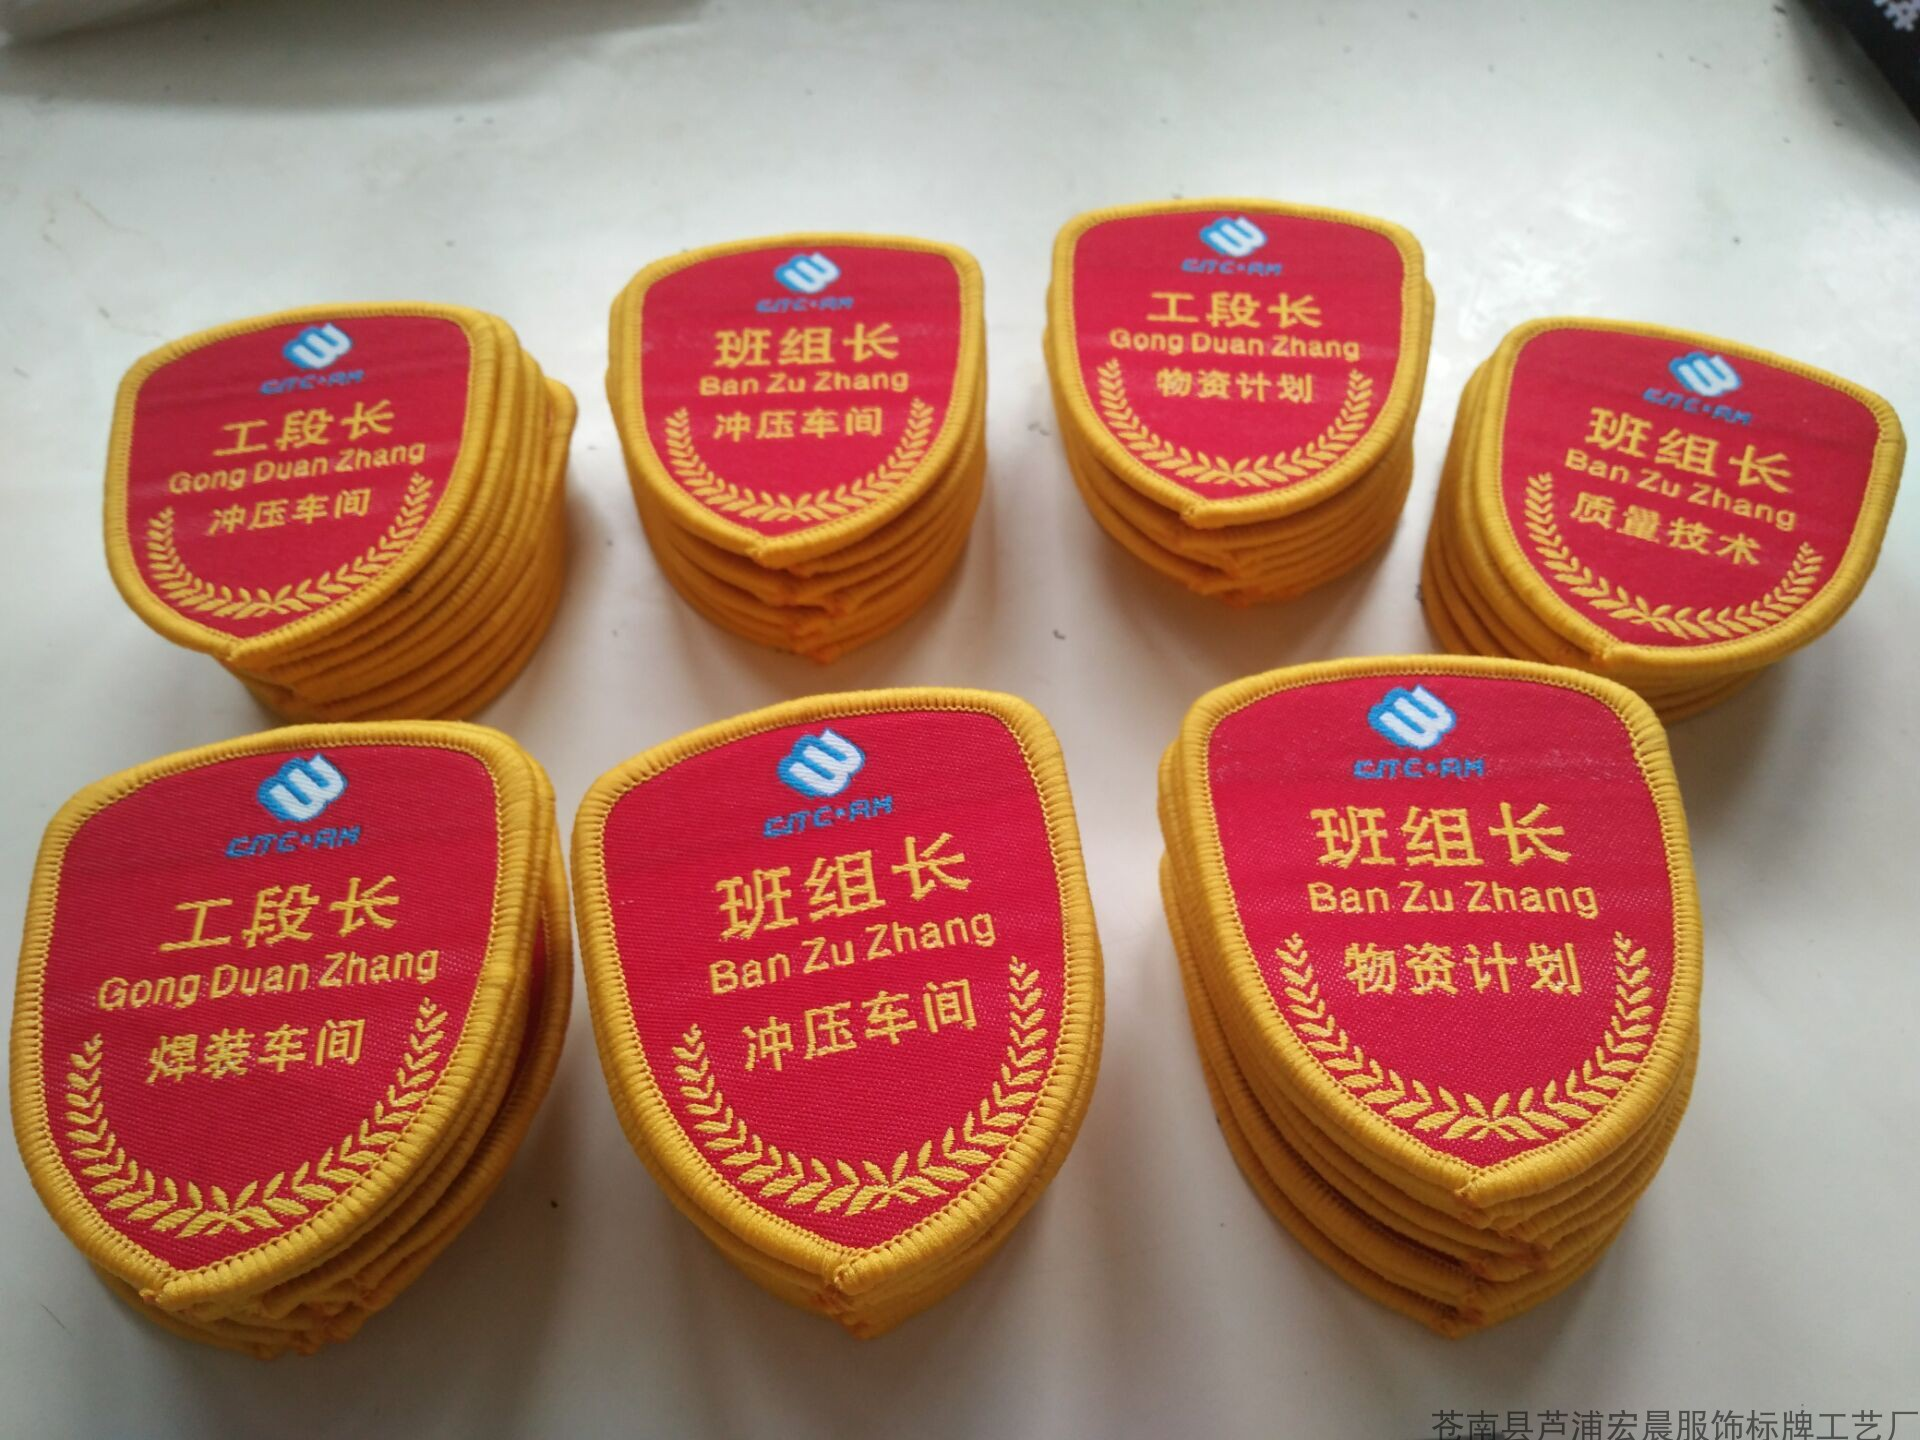 元勋章肩章 纪念章服装中国臂章 定制米白色白色袖标臂章定制胸牌